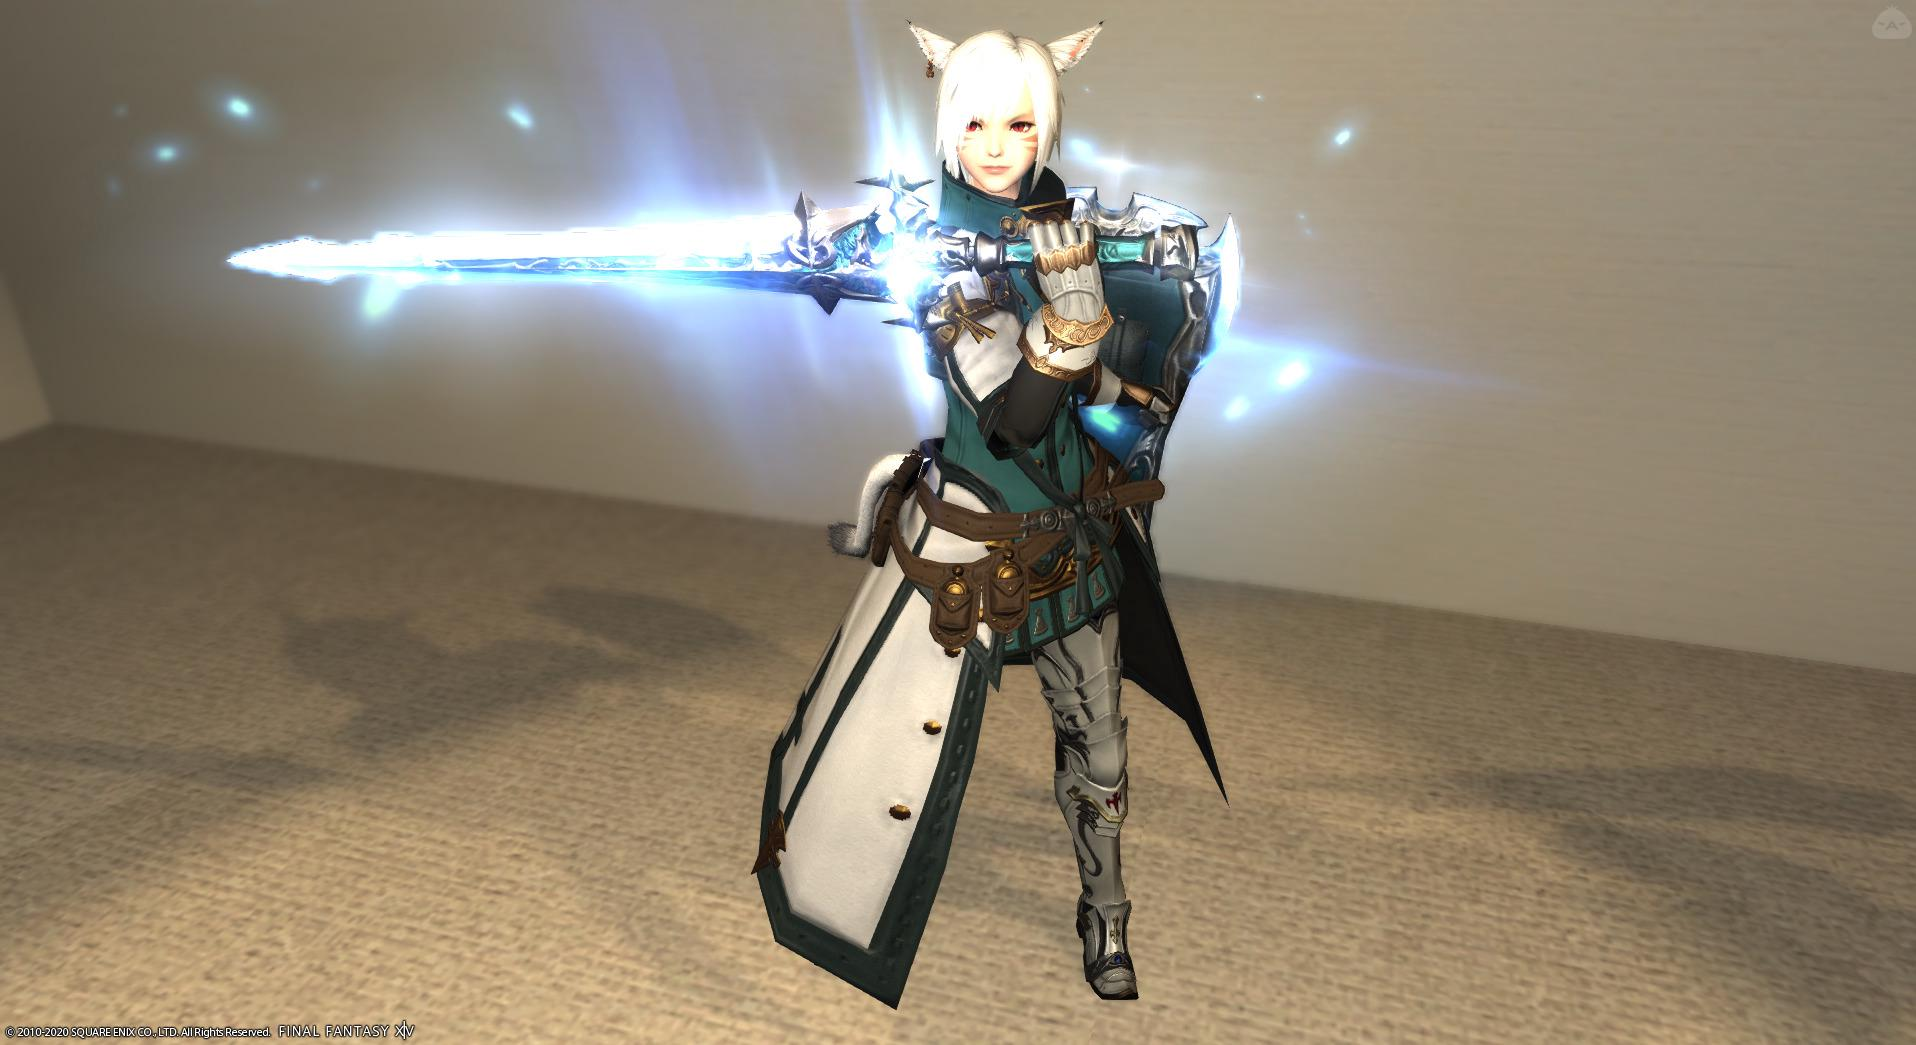 か弱い(笑)姉を守る騎士です。